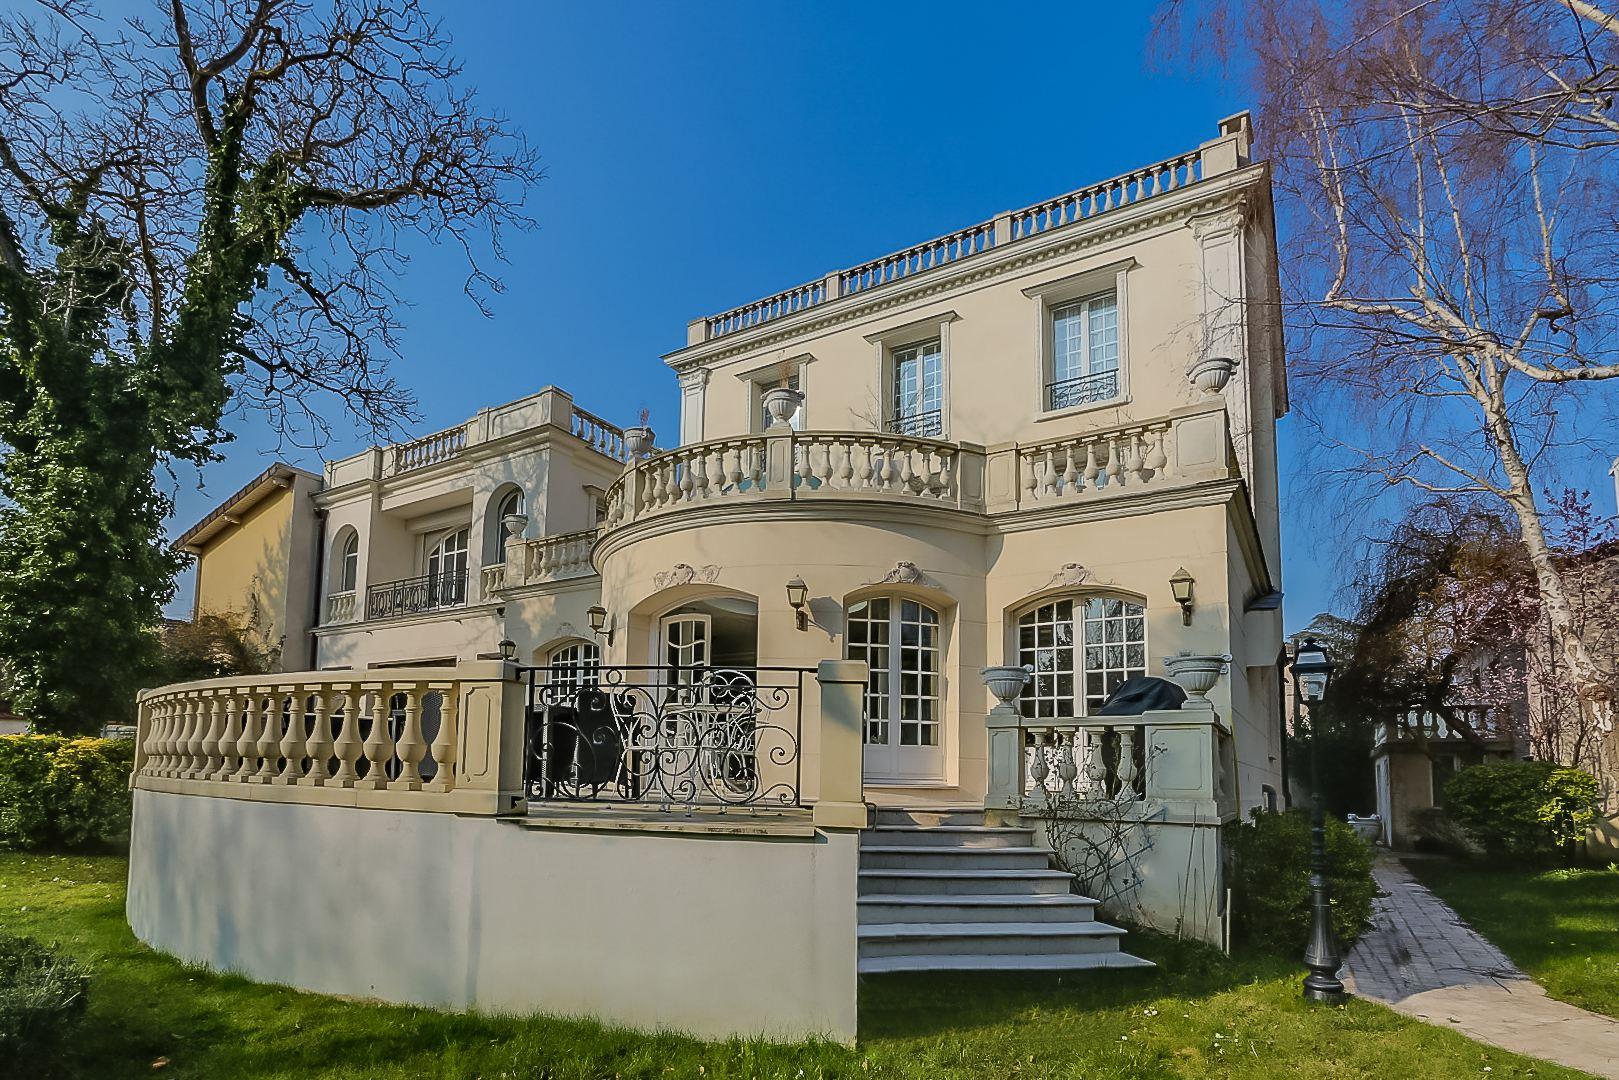 Casa Unifamiliar por un Venta en For sale wonderful house in La Varenne - Promenade des anglais Other Ile-De-France, Ile-De-France, 94210 Francia